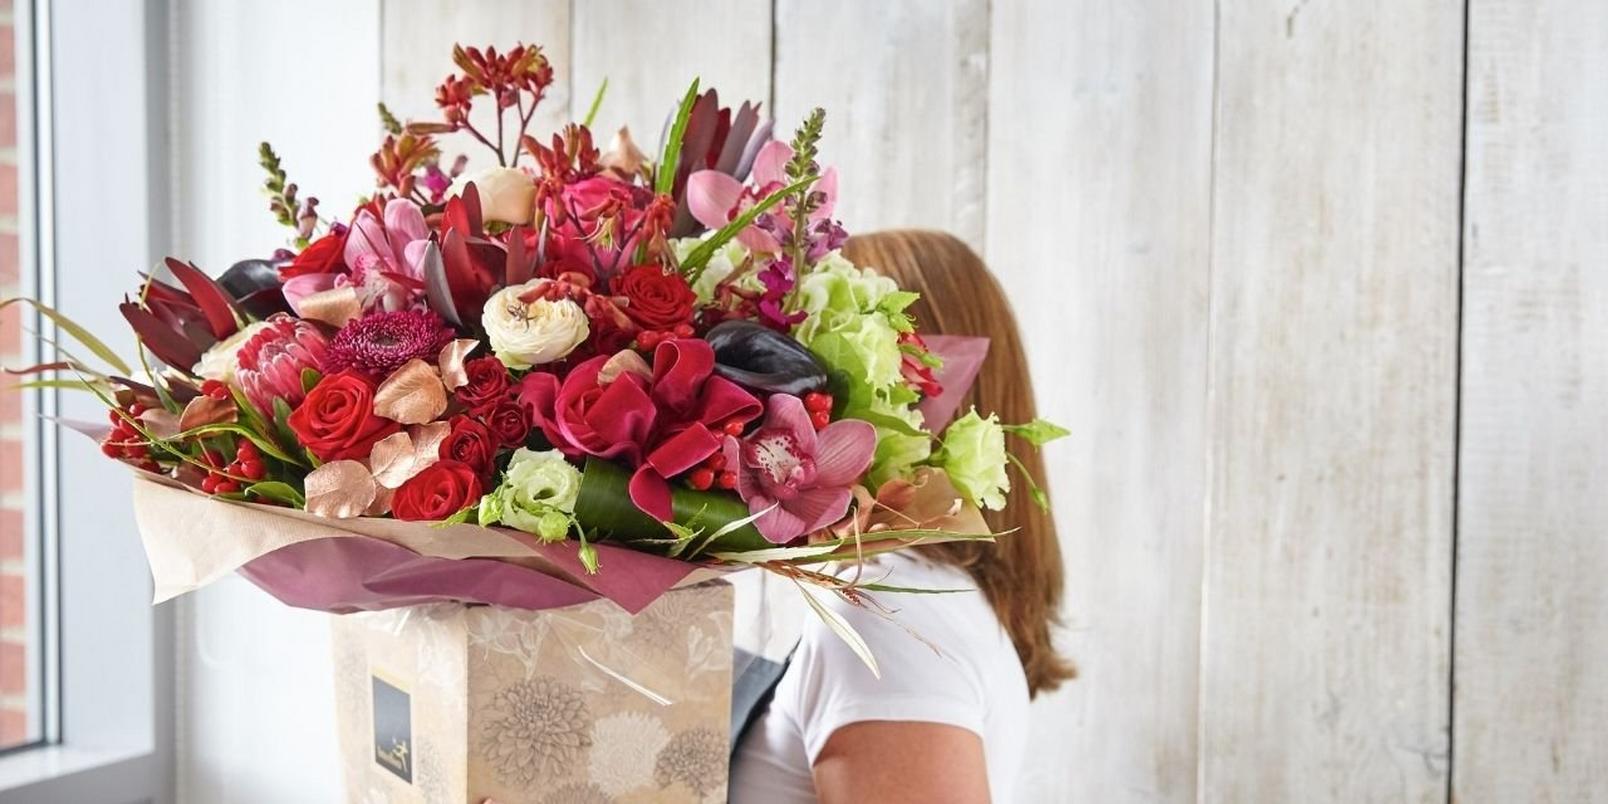 florist-big-bouquet